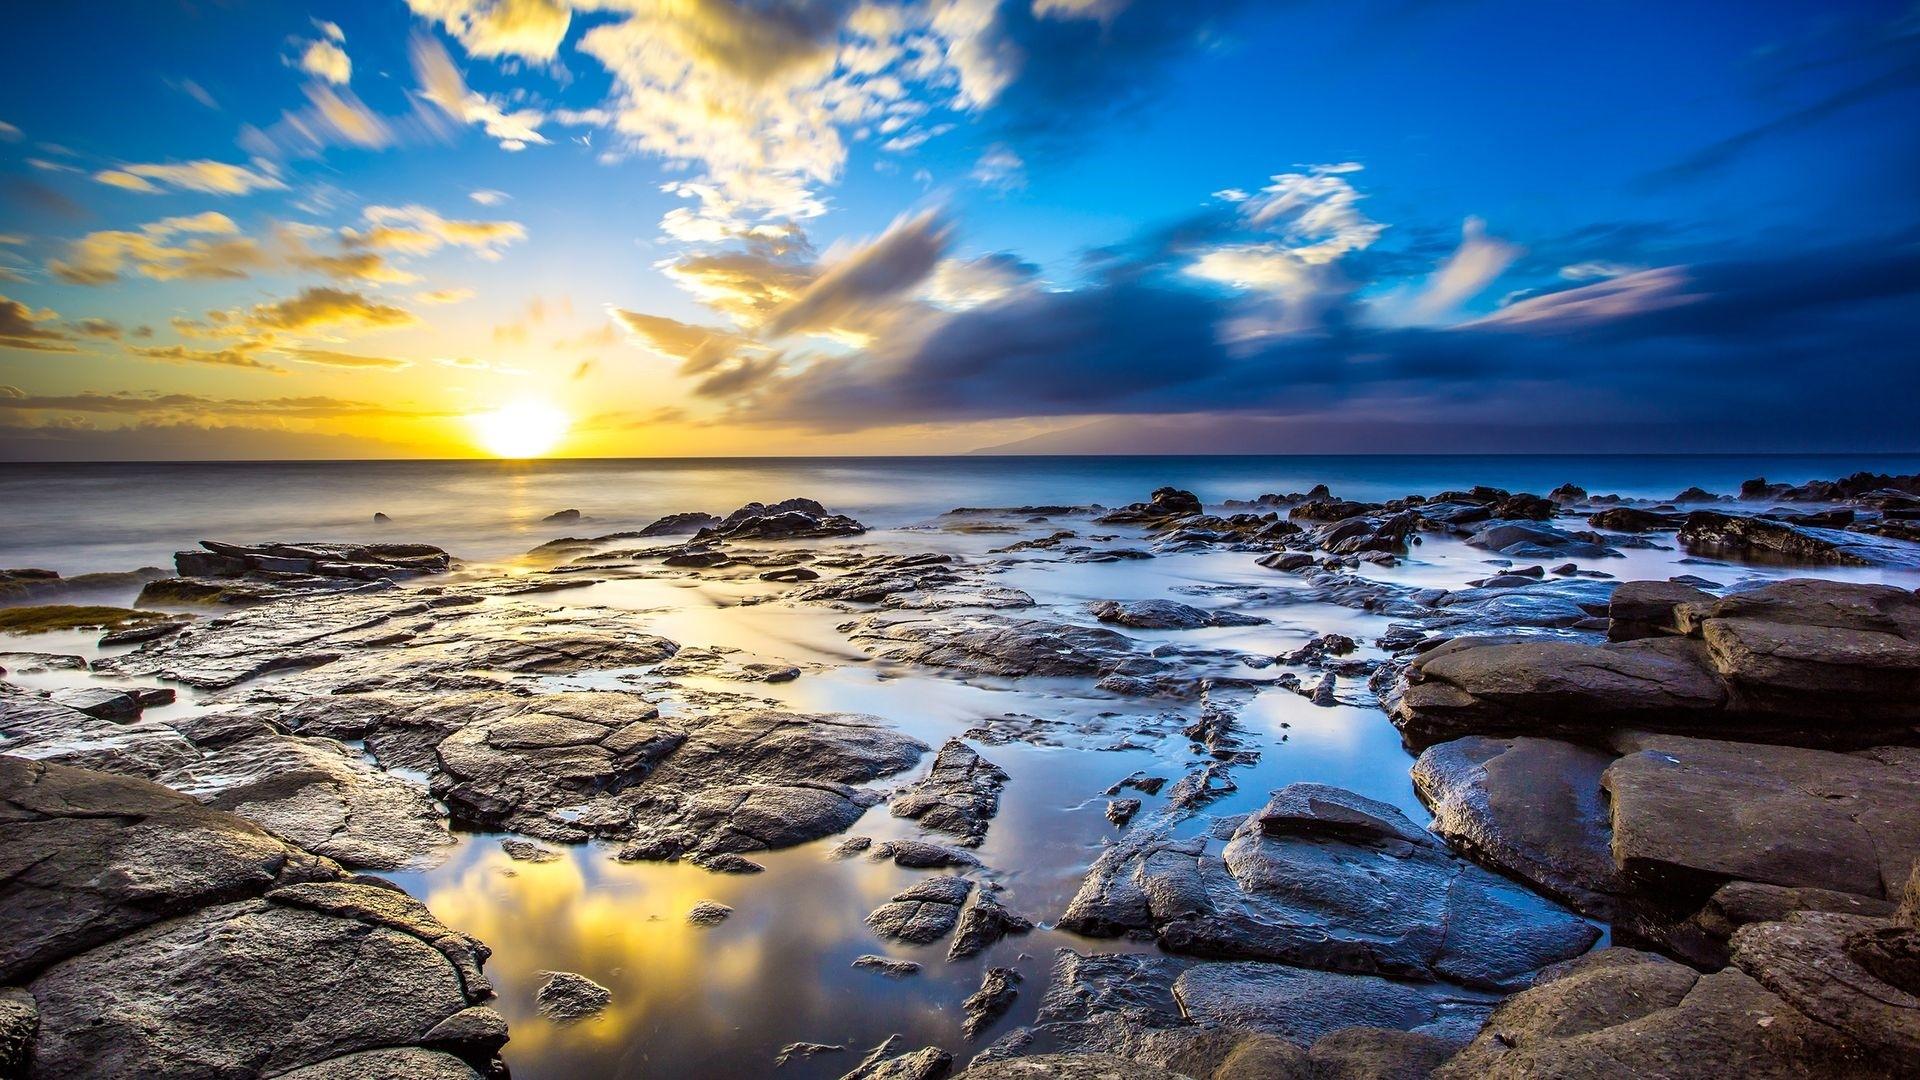 Ocean Nature Wallpaper image hd